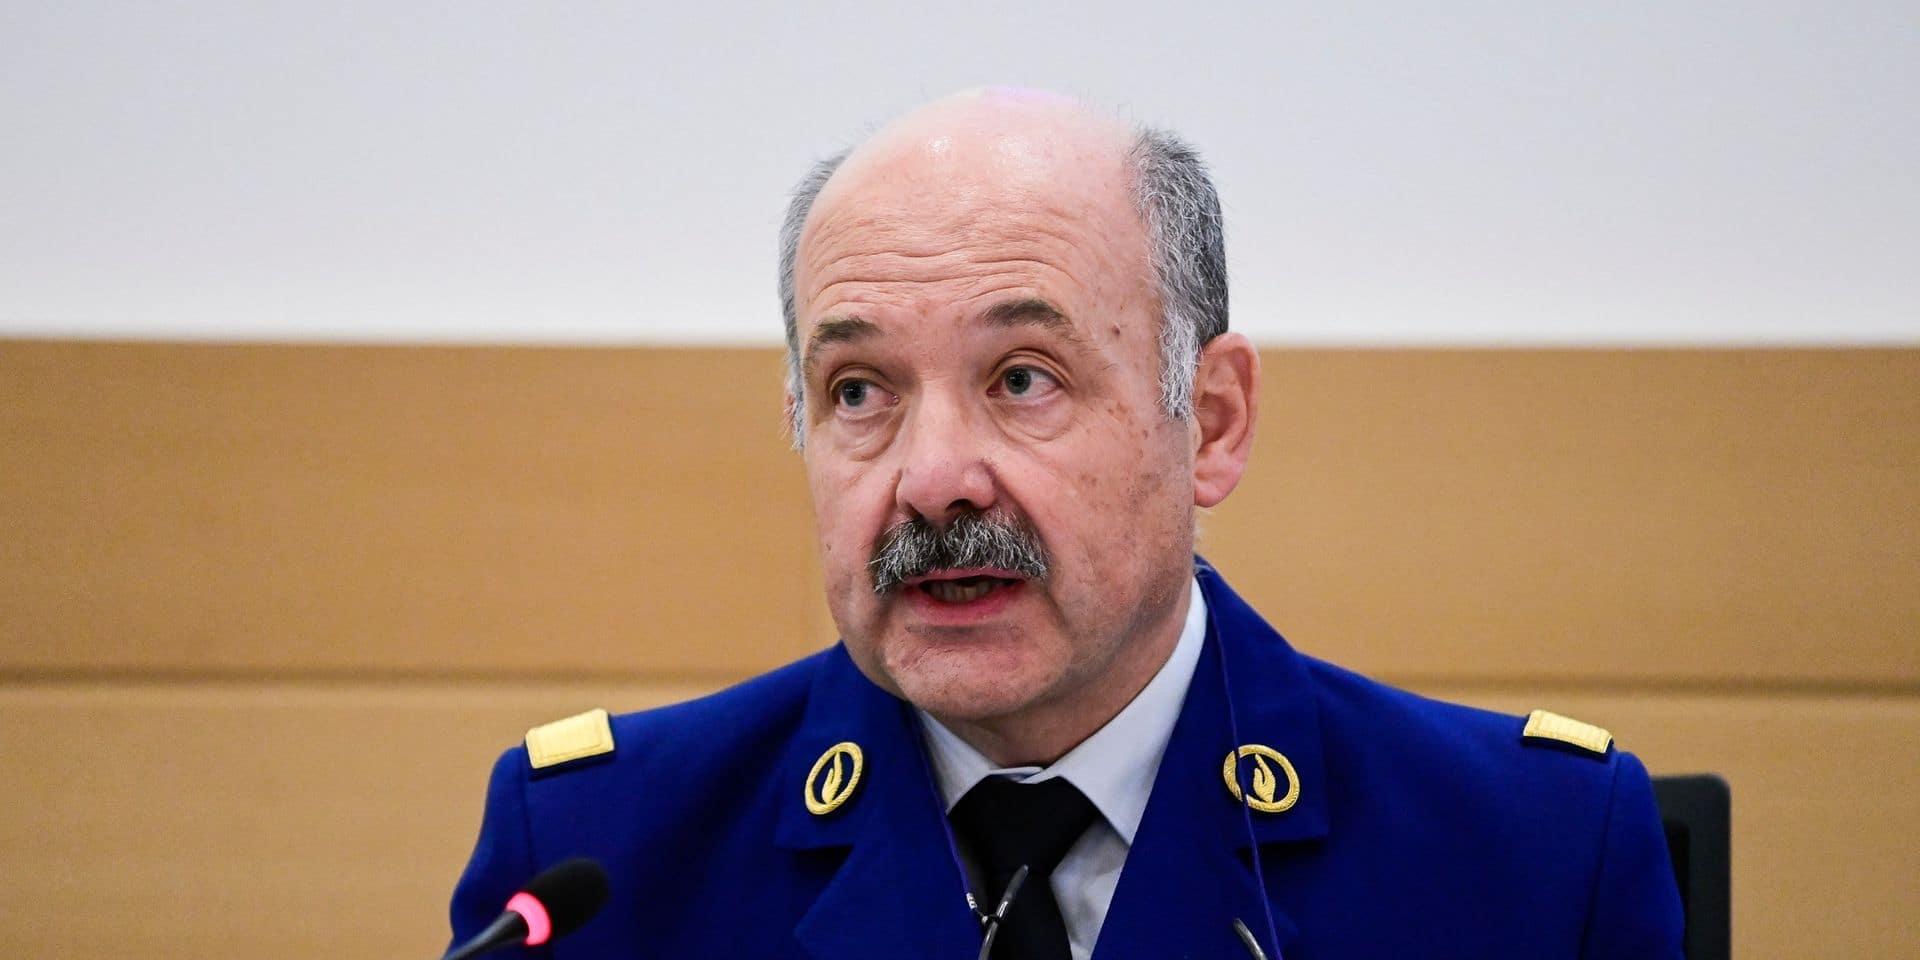 Eclaboussé par le scandale de l'affaire Chovanec, le numéro 2 de la police reprend ses fonctions